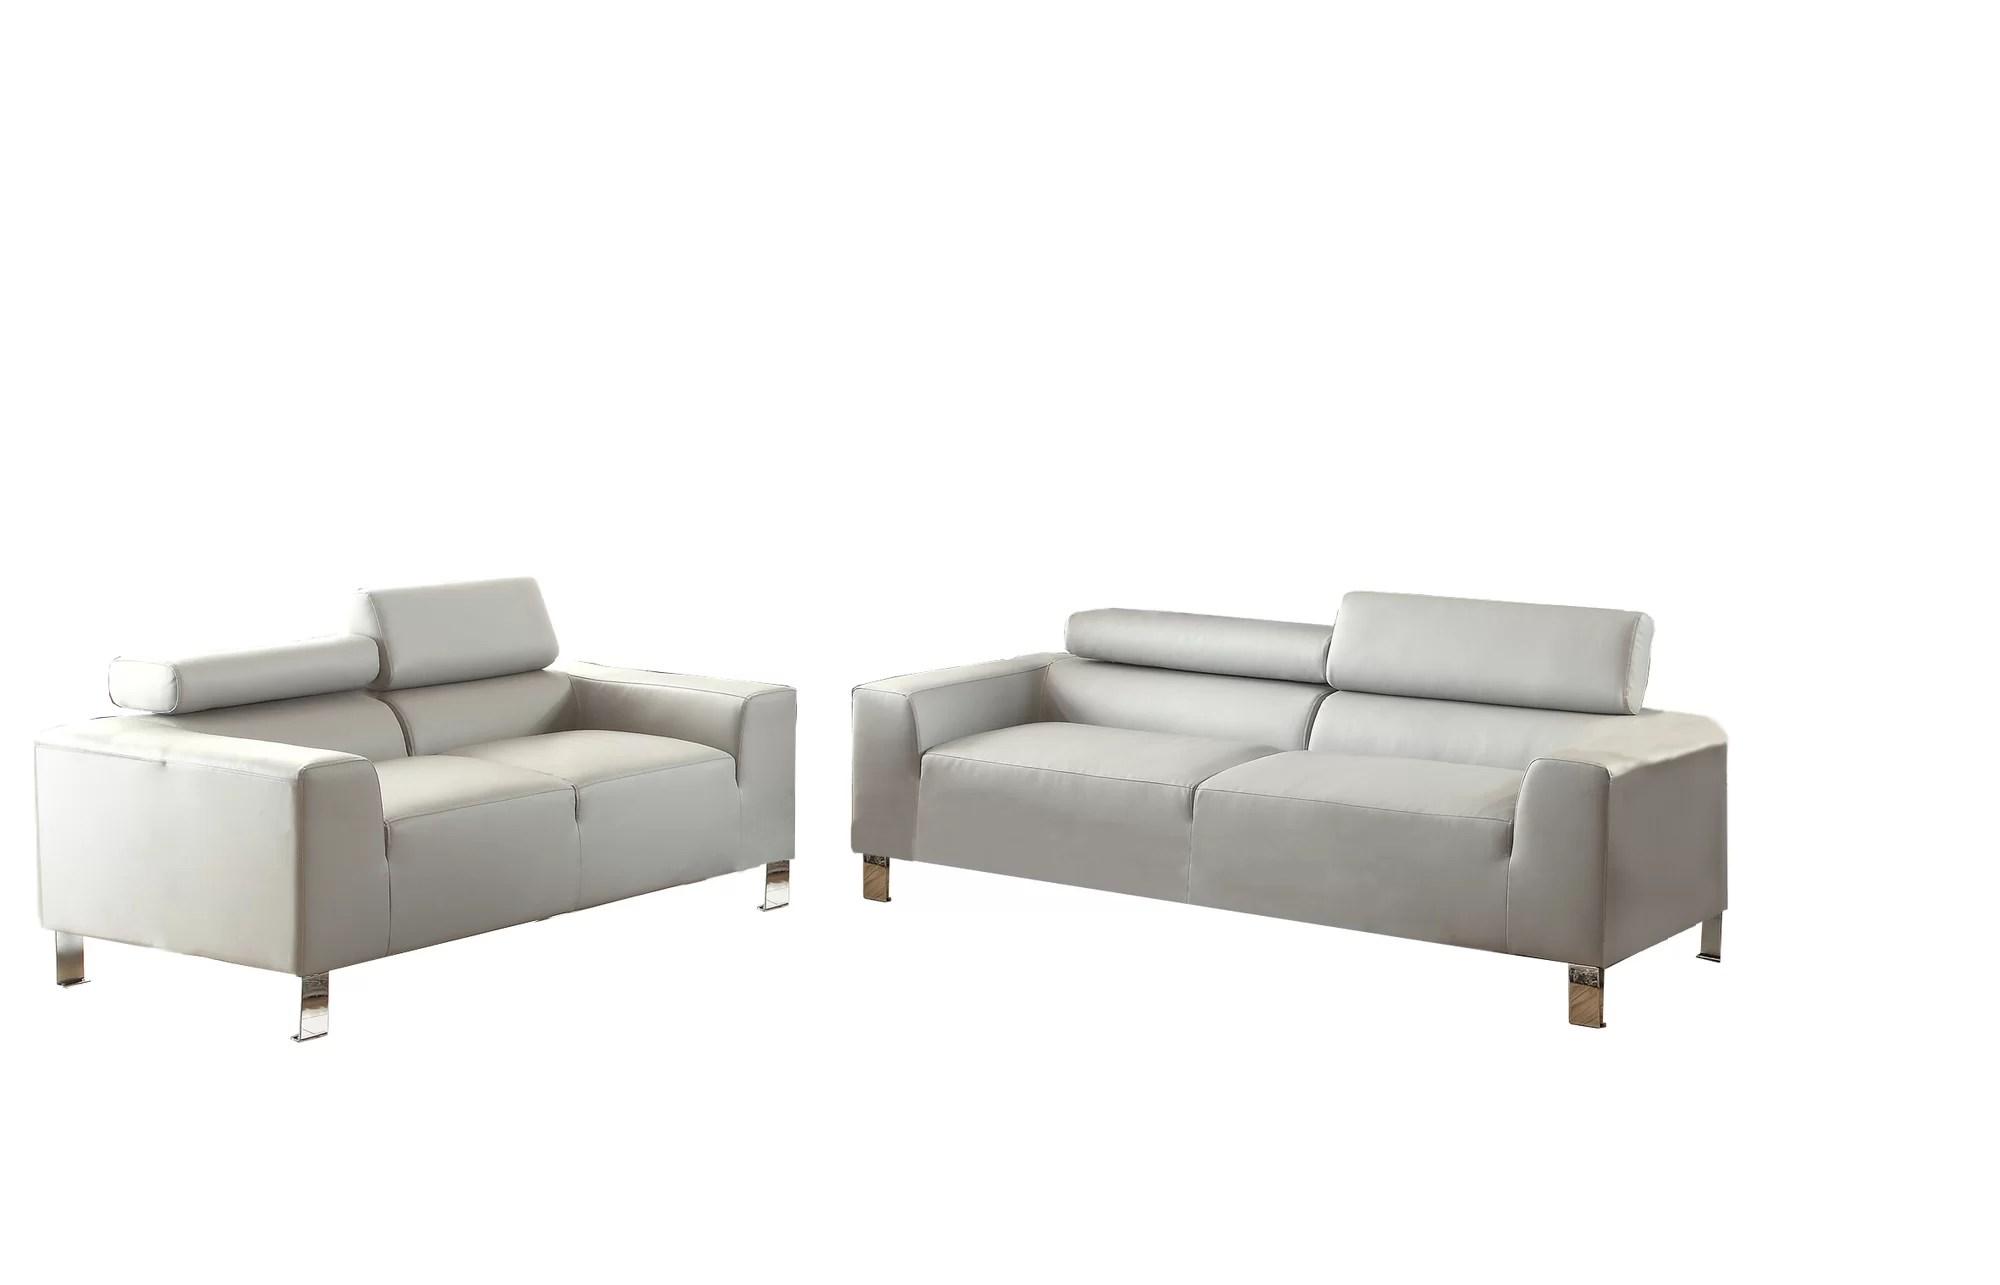 bobkona sectional sofa embly instructions roma bed poundex ellis and loveseat set ebay